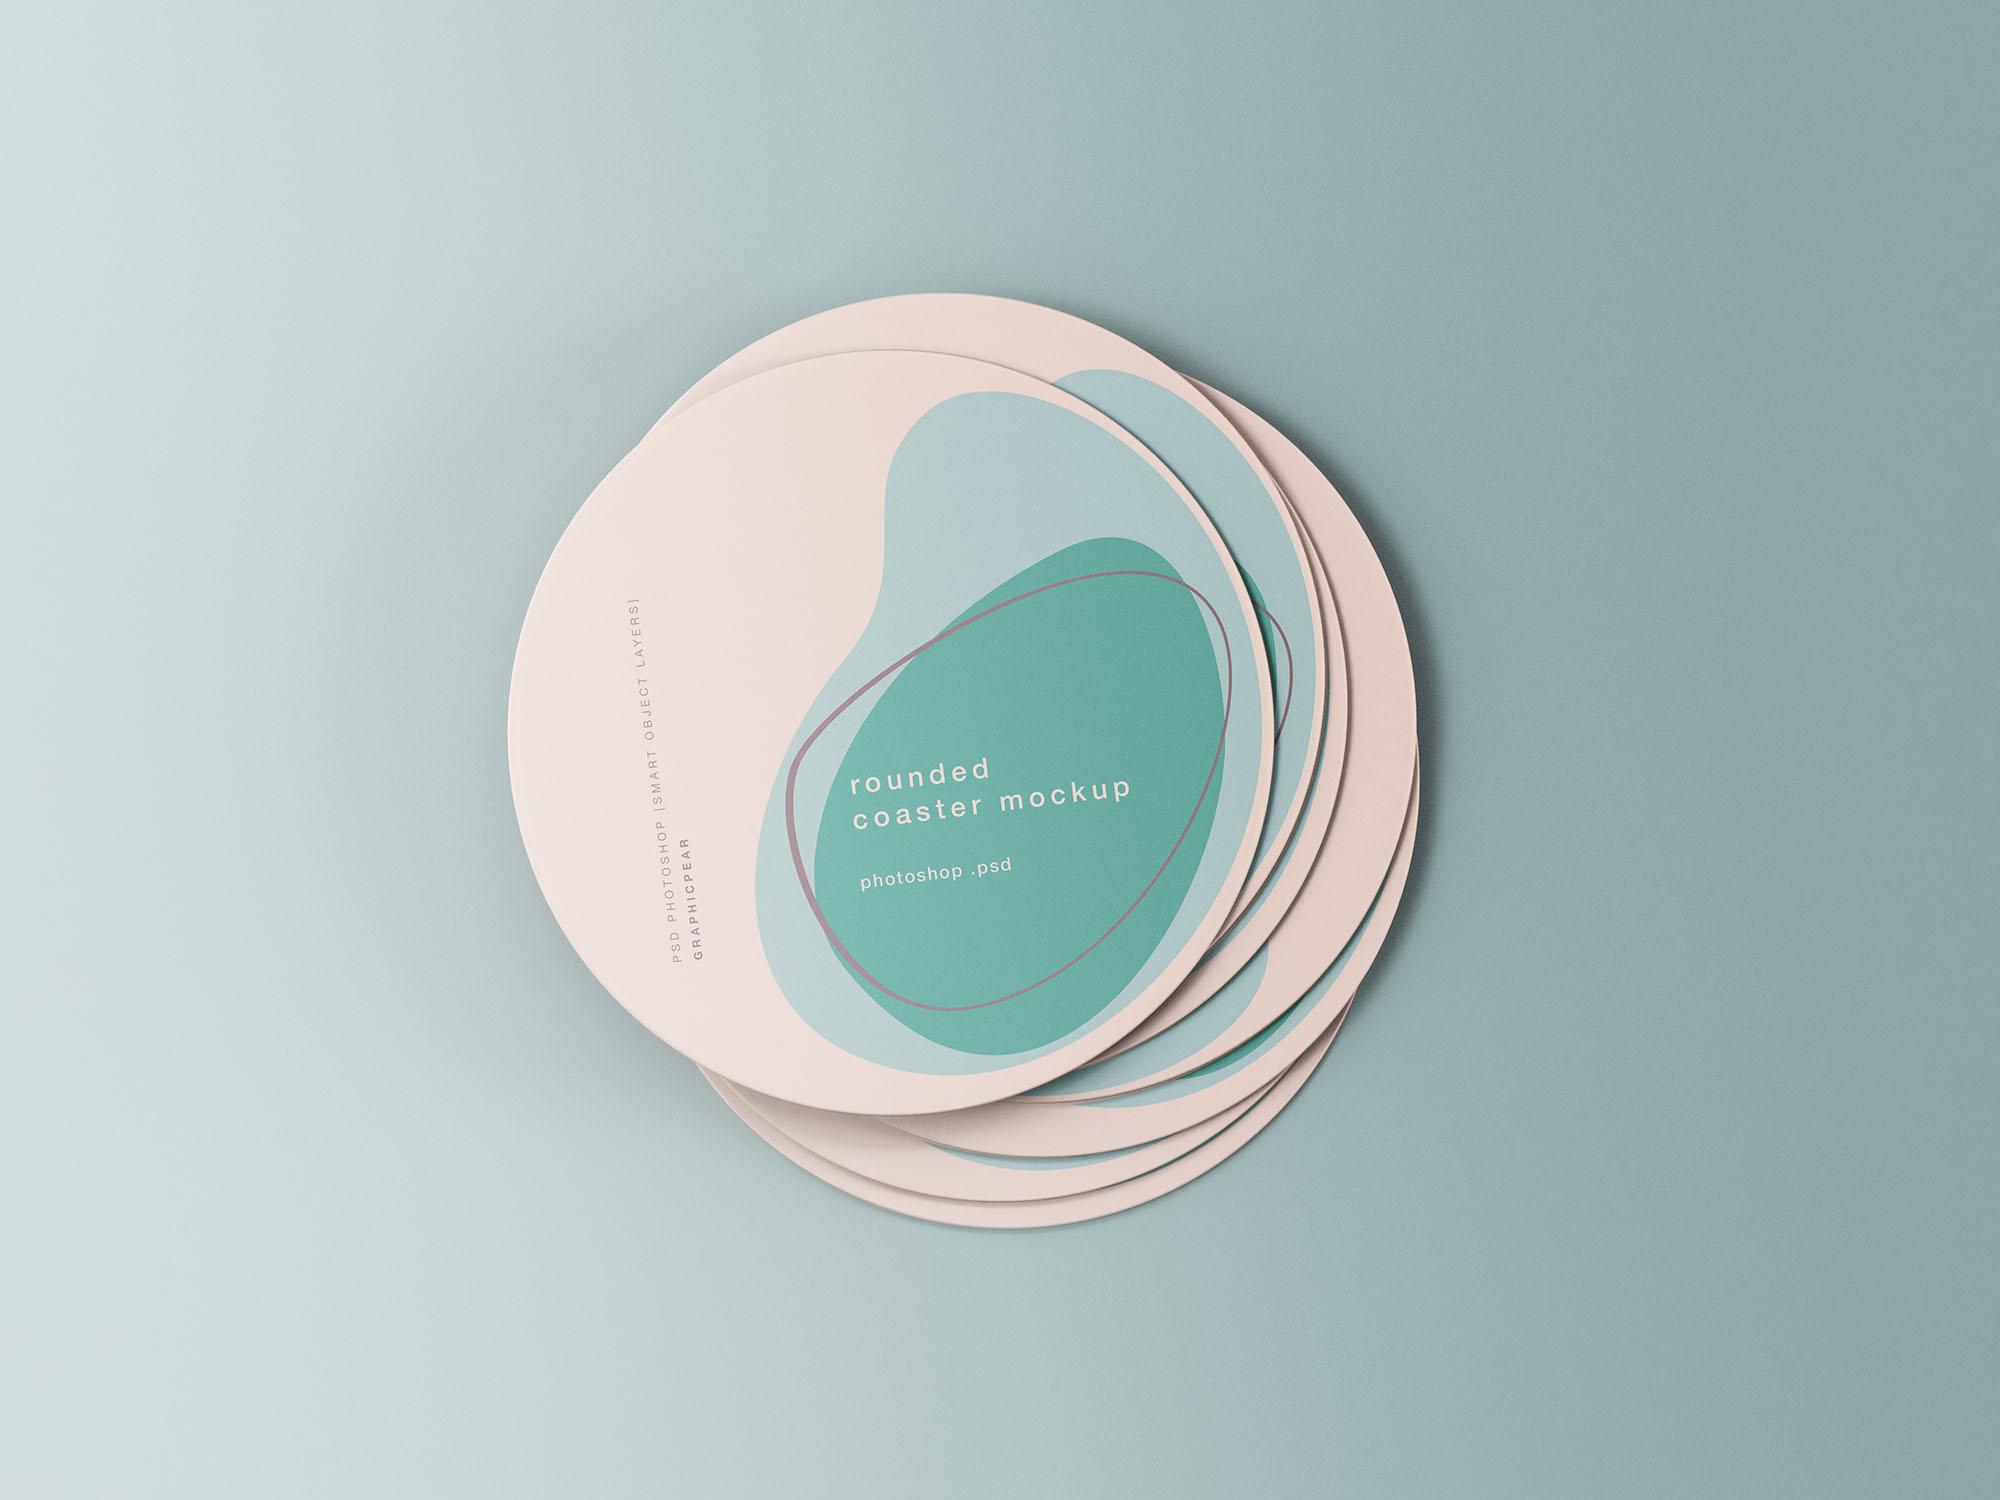 Minimal Rounded Coasters Mockup